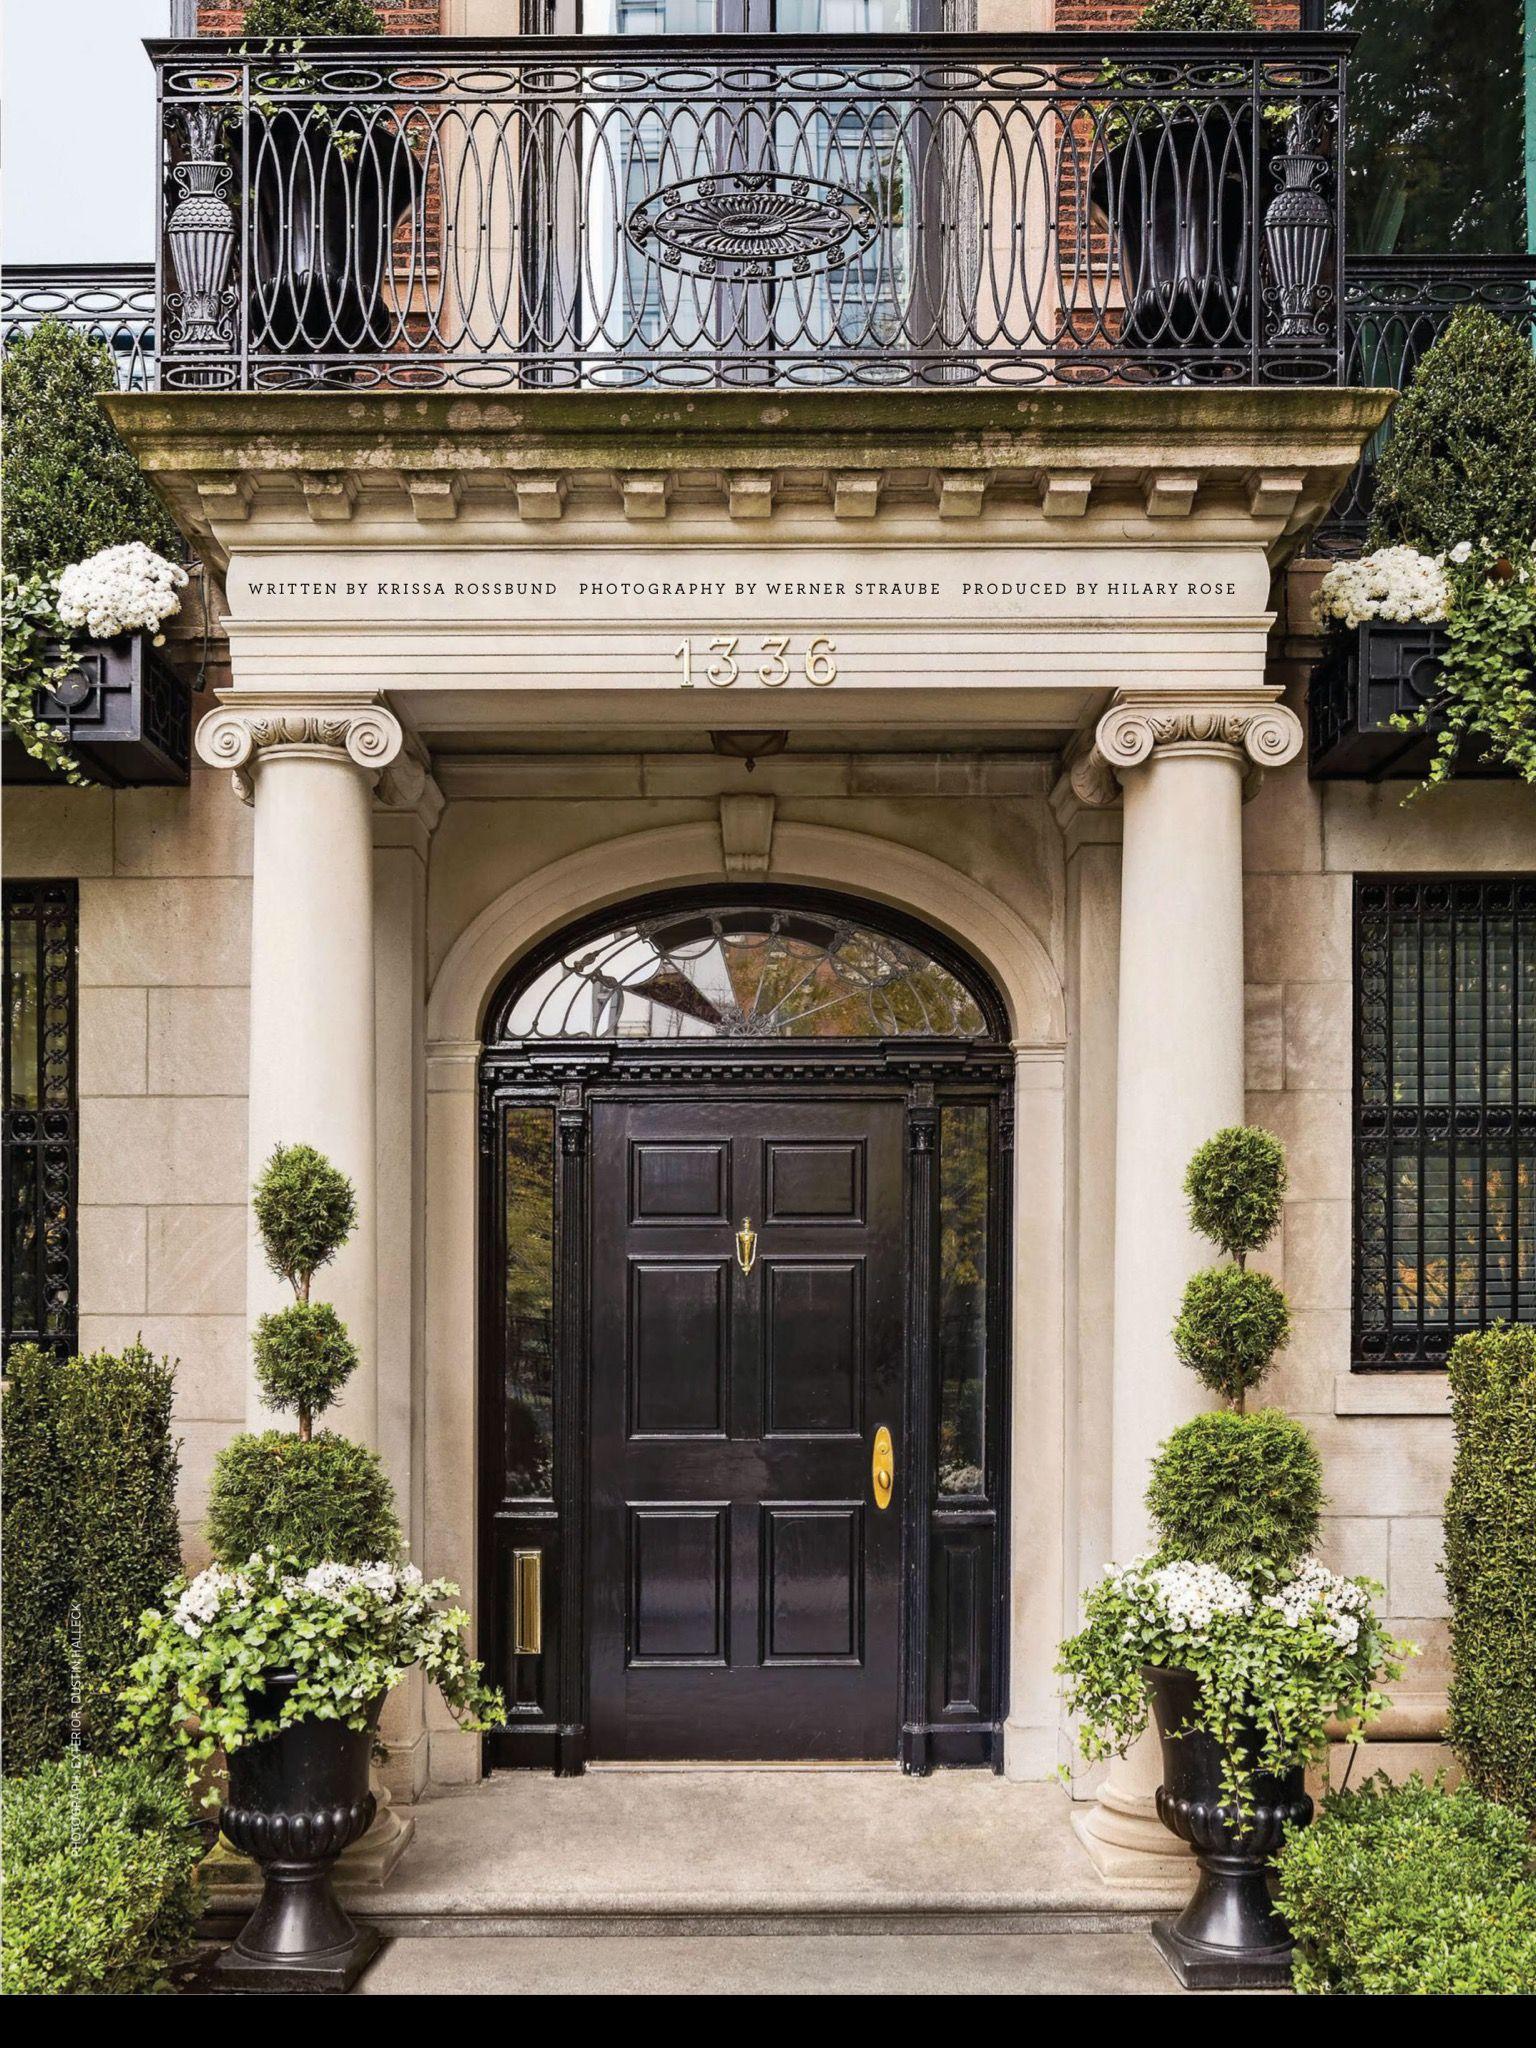 Pin von May Albinali auf Doors and Windows | Pinterest | Architektur ...